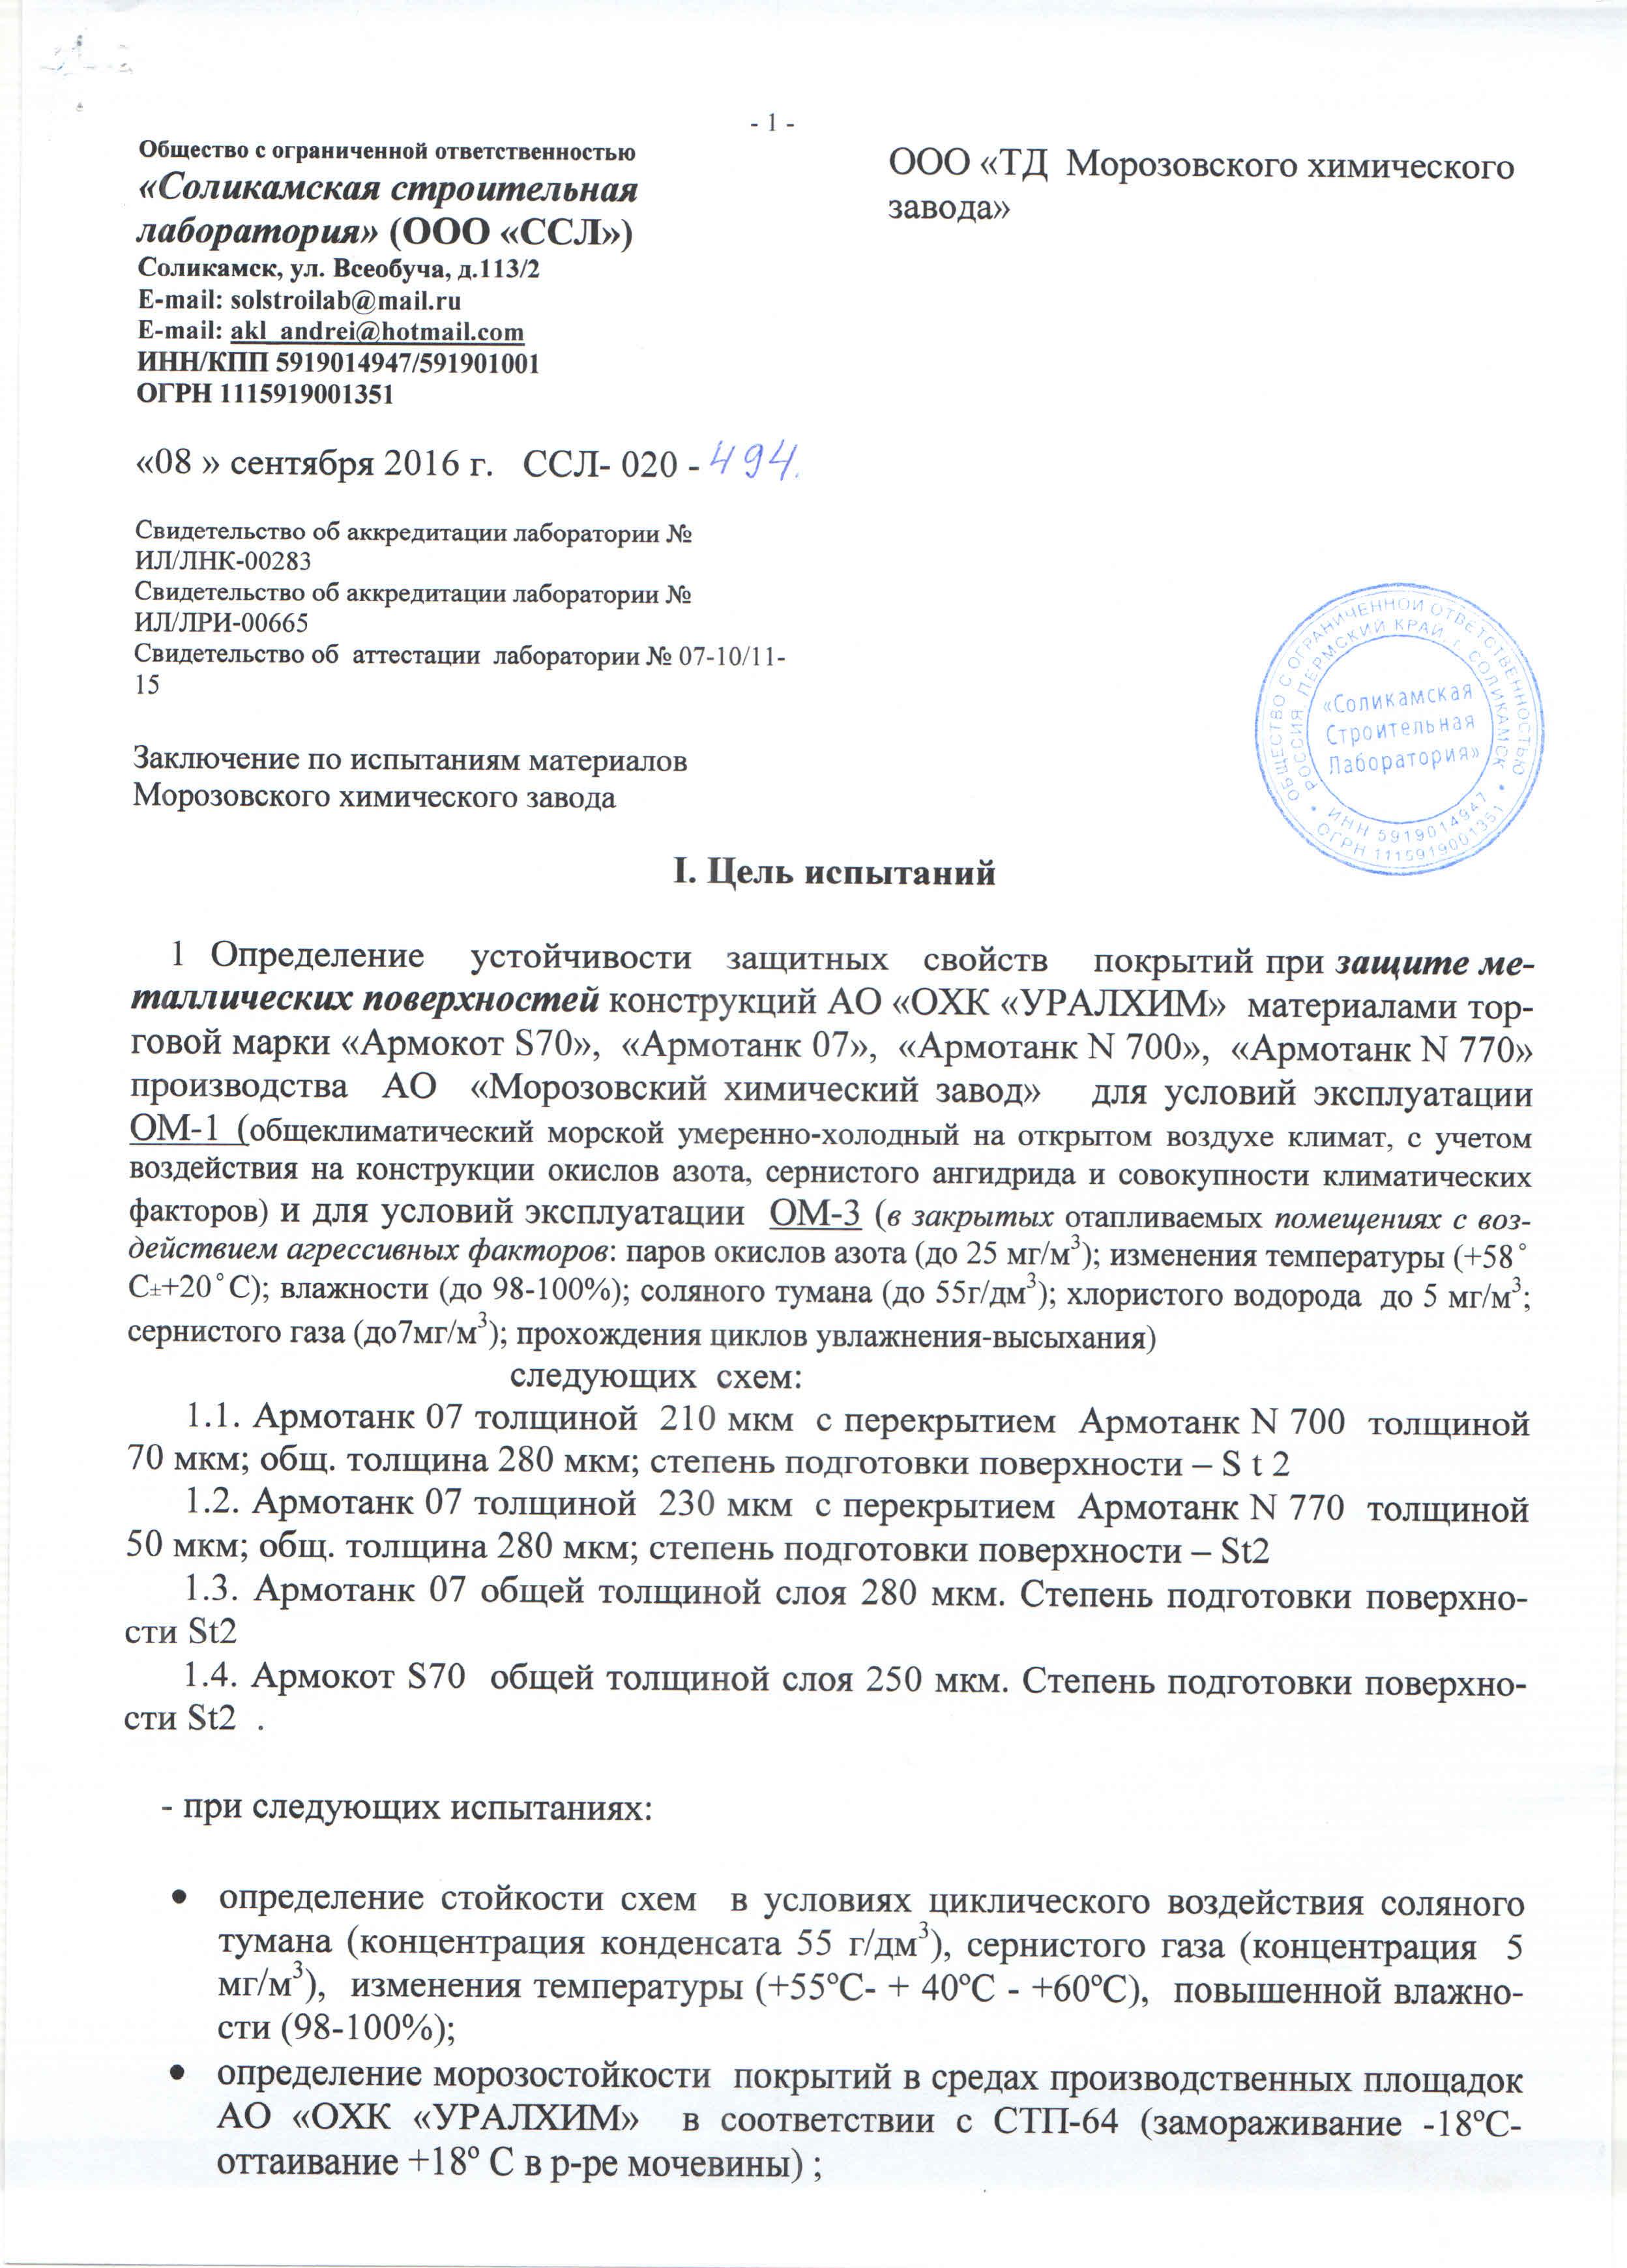 Заключение ООО «Соликамская строительная лаборатория» металл Уралхим 07N70007 N77007S70 (2)_Страница_1